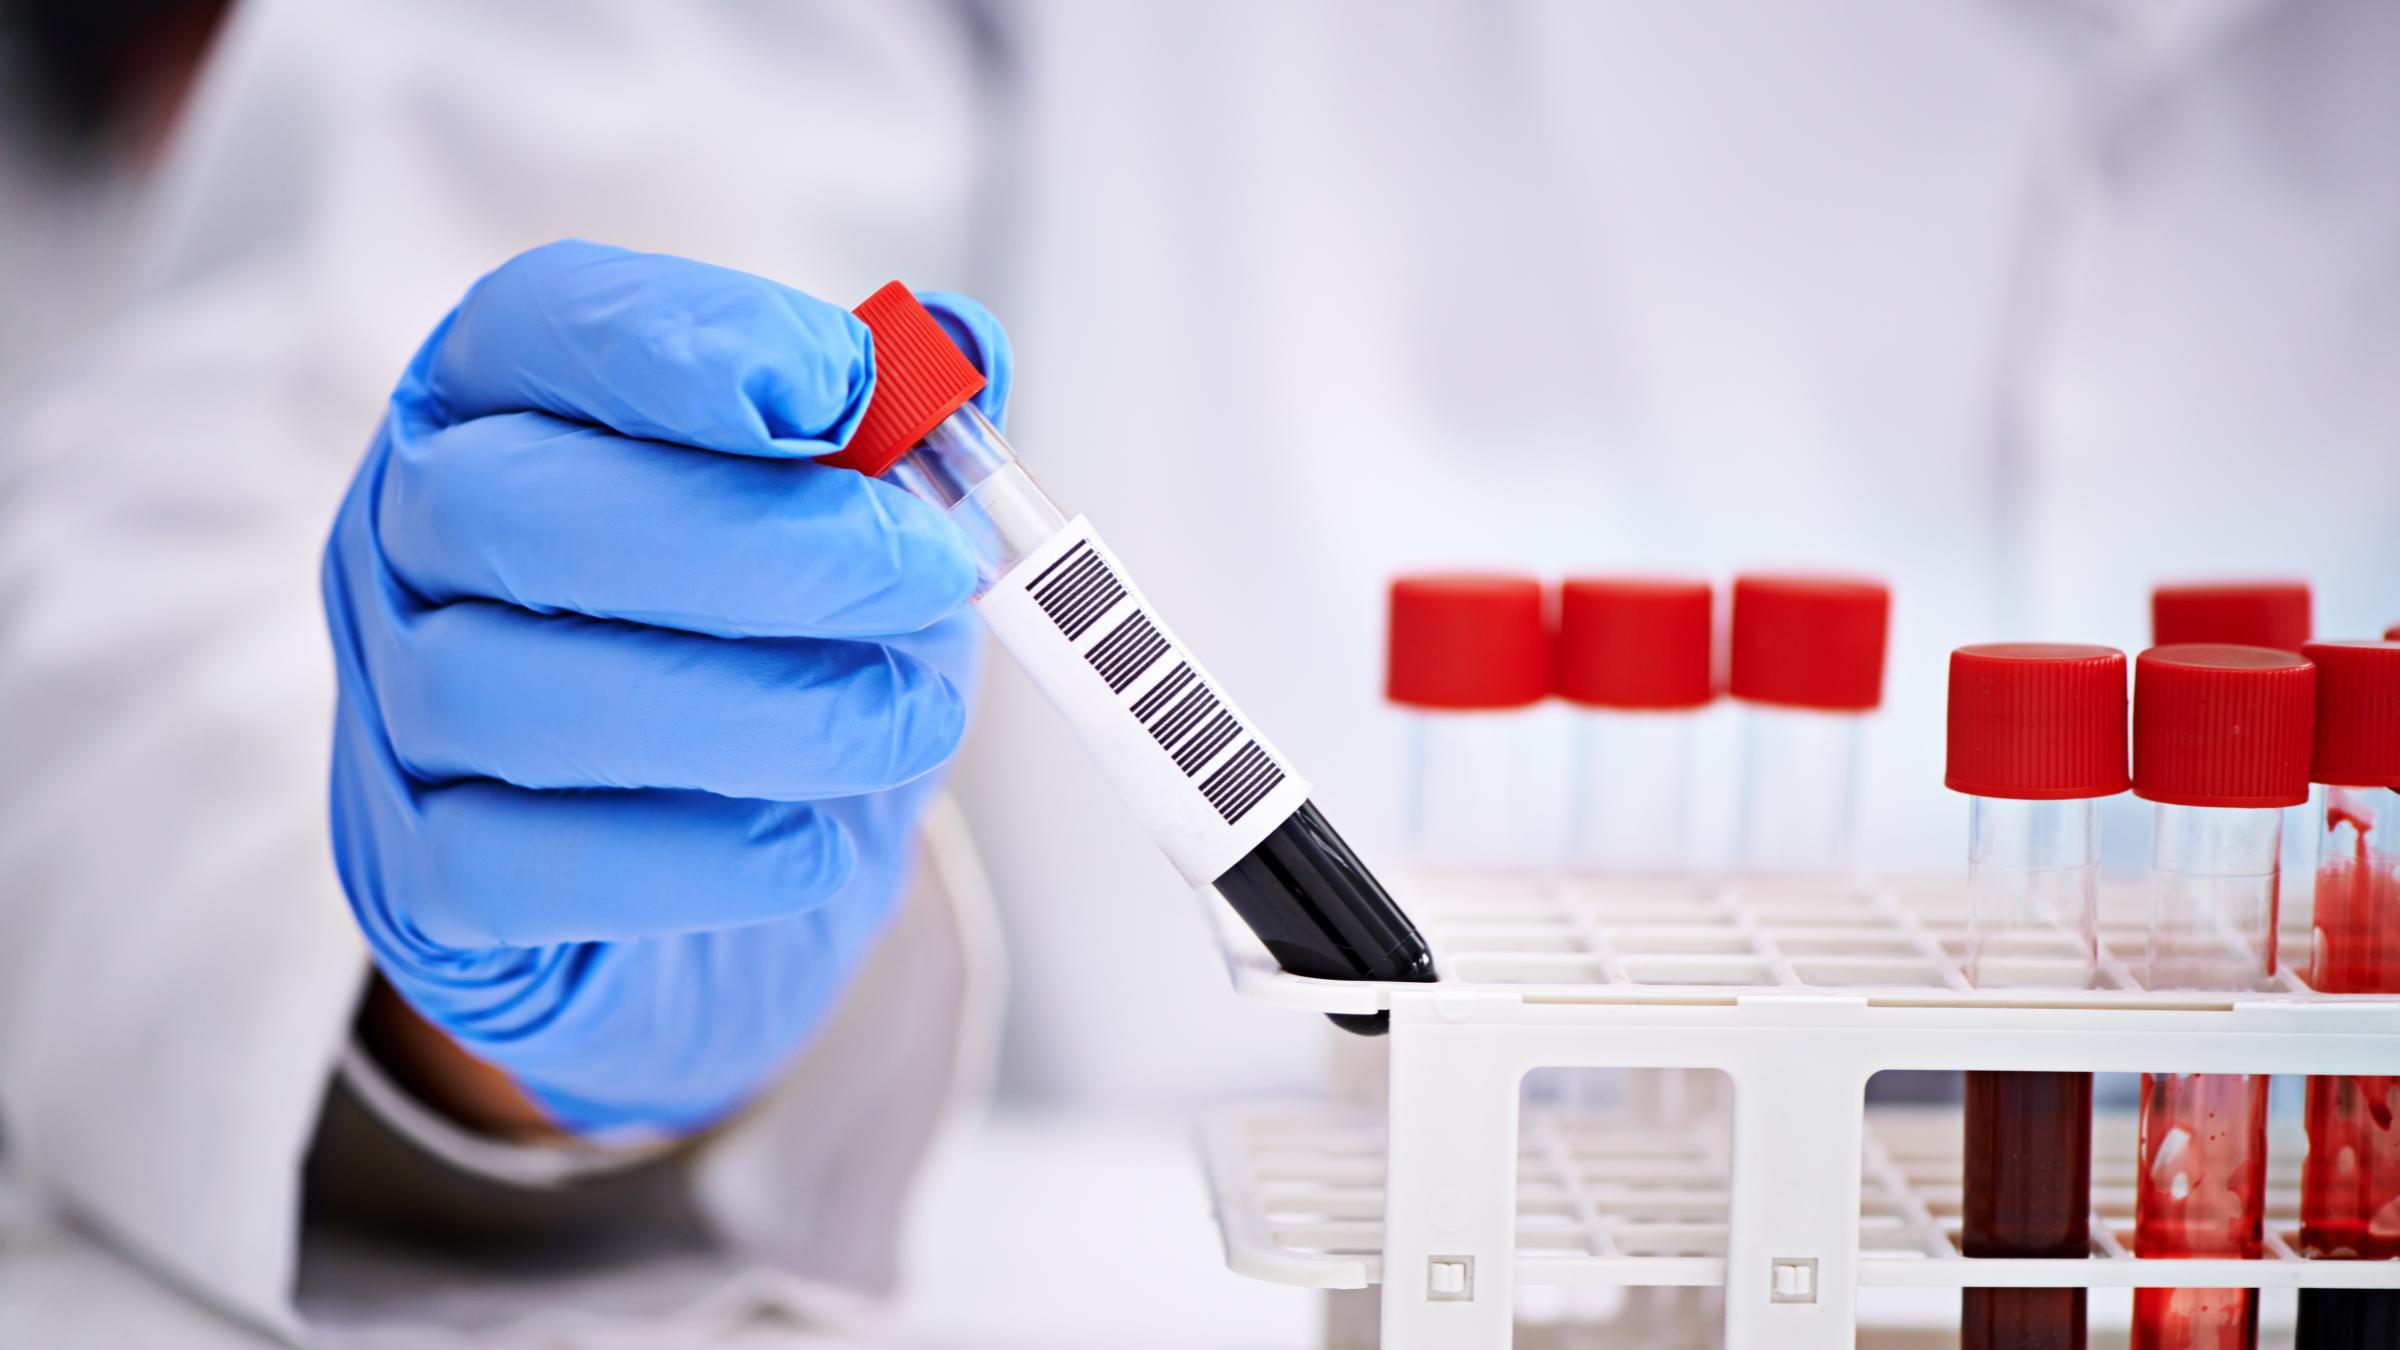 Новый анализ крови по РНК позволяет выявить рак и найти положение опухоли